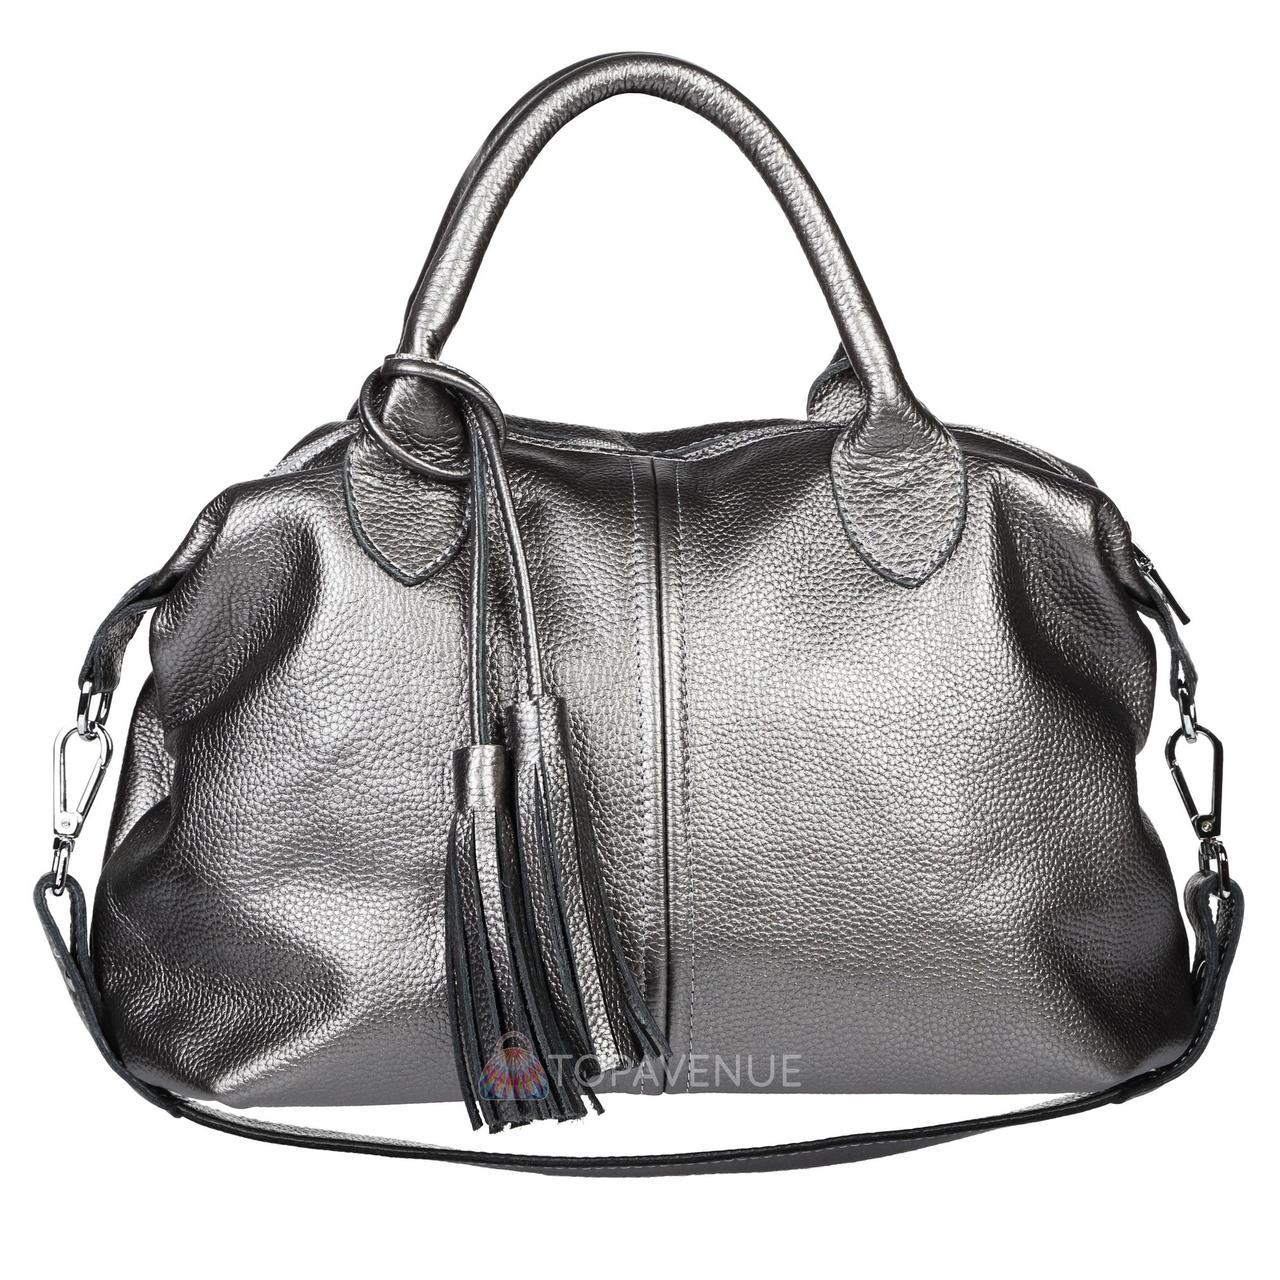 ec0c5c247e68 Кожаная женская сумка Барселона никель - Интернет магазин